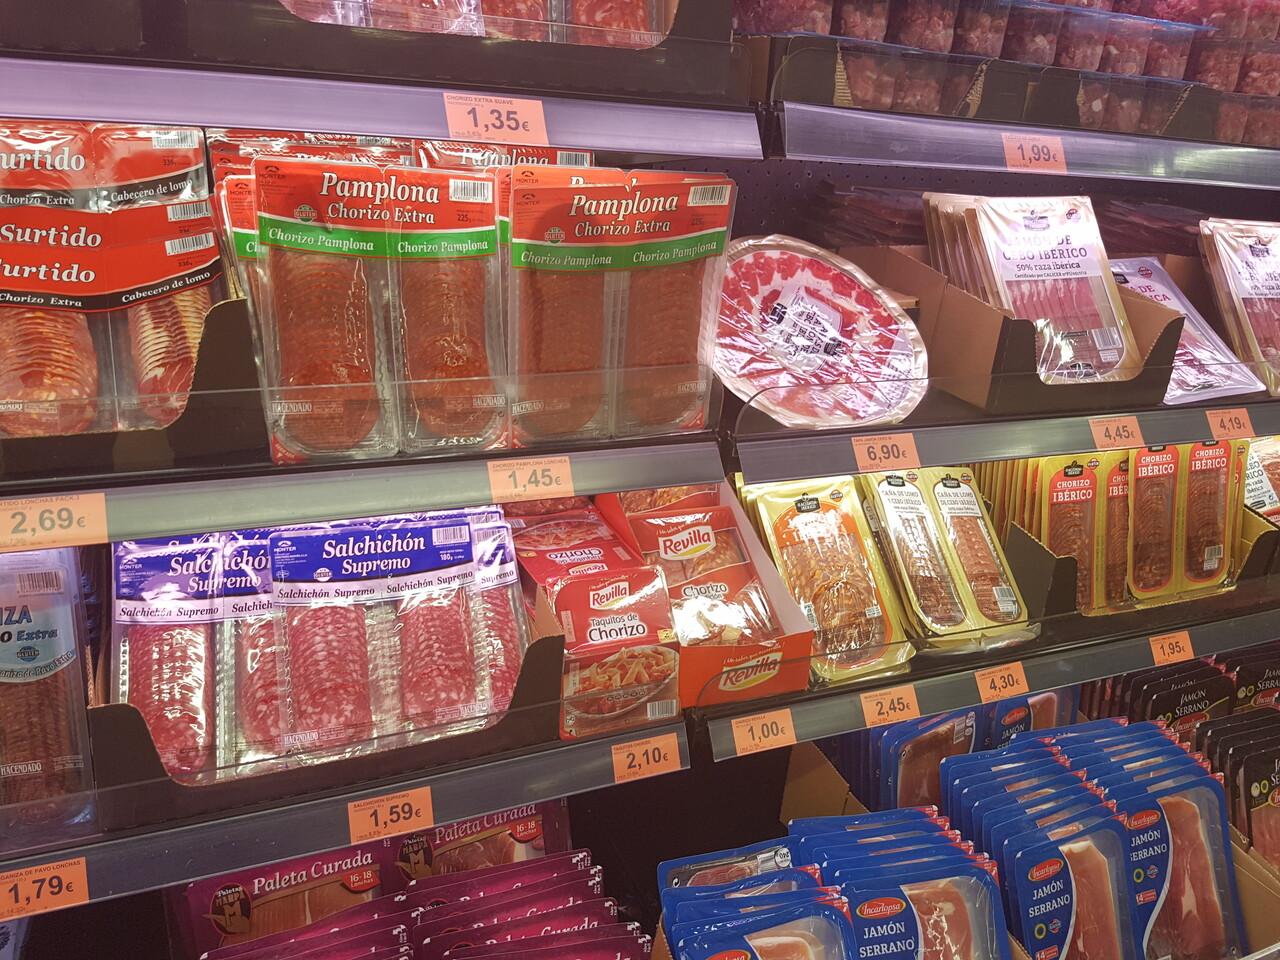 supermercado-fiambre-mercadona-estanterias20160910_101925_001-3